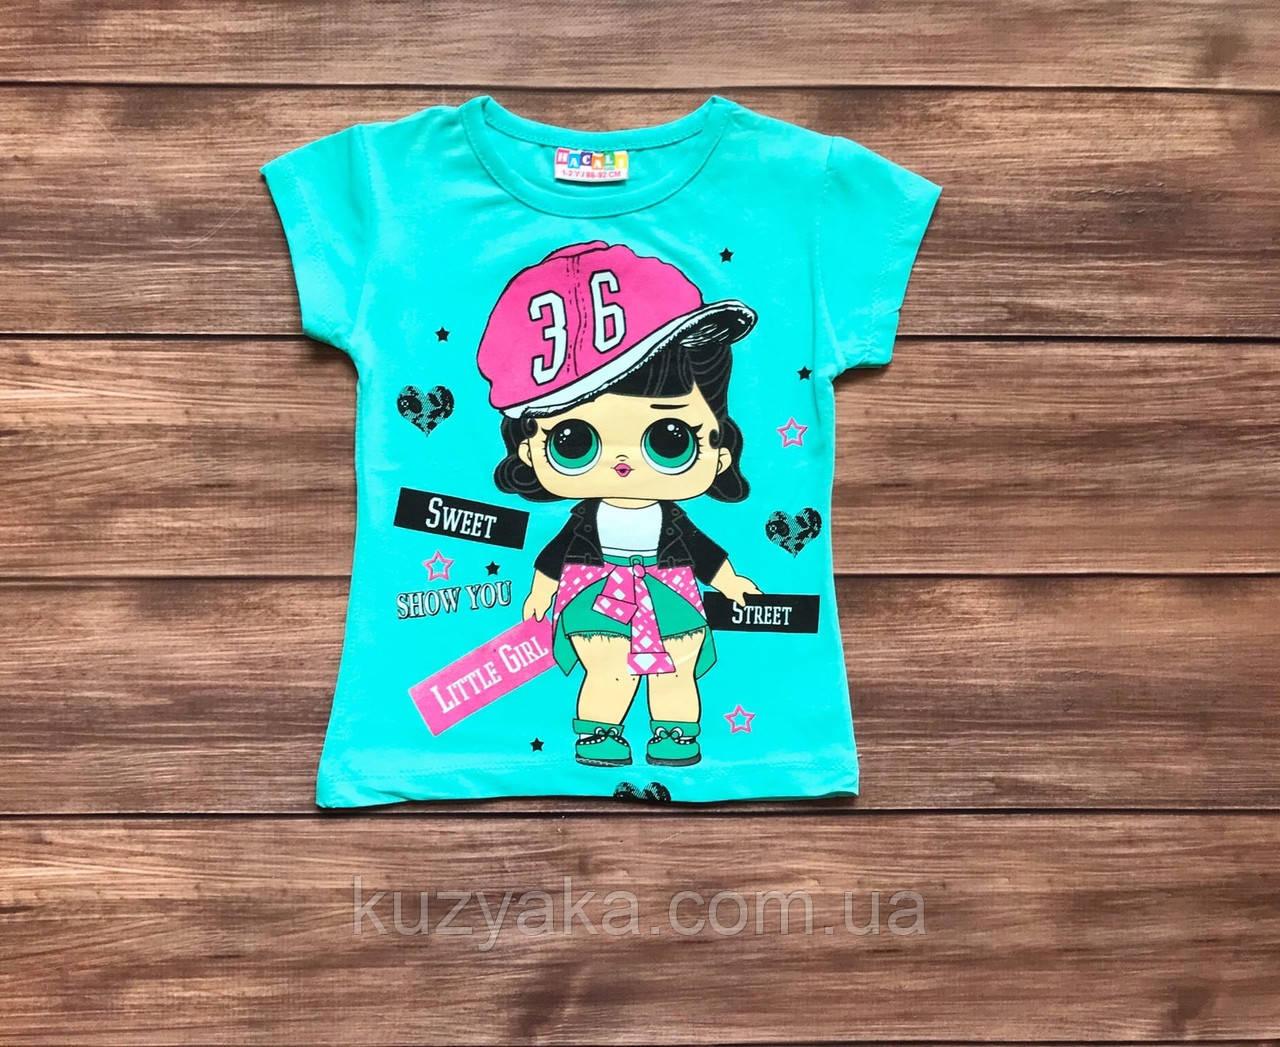 Детская футболка кукла ЛОЛ для девочки на 1-8 лет